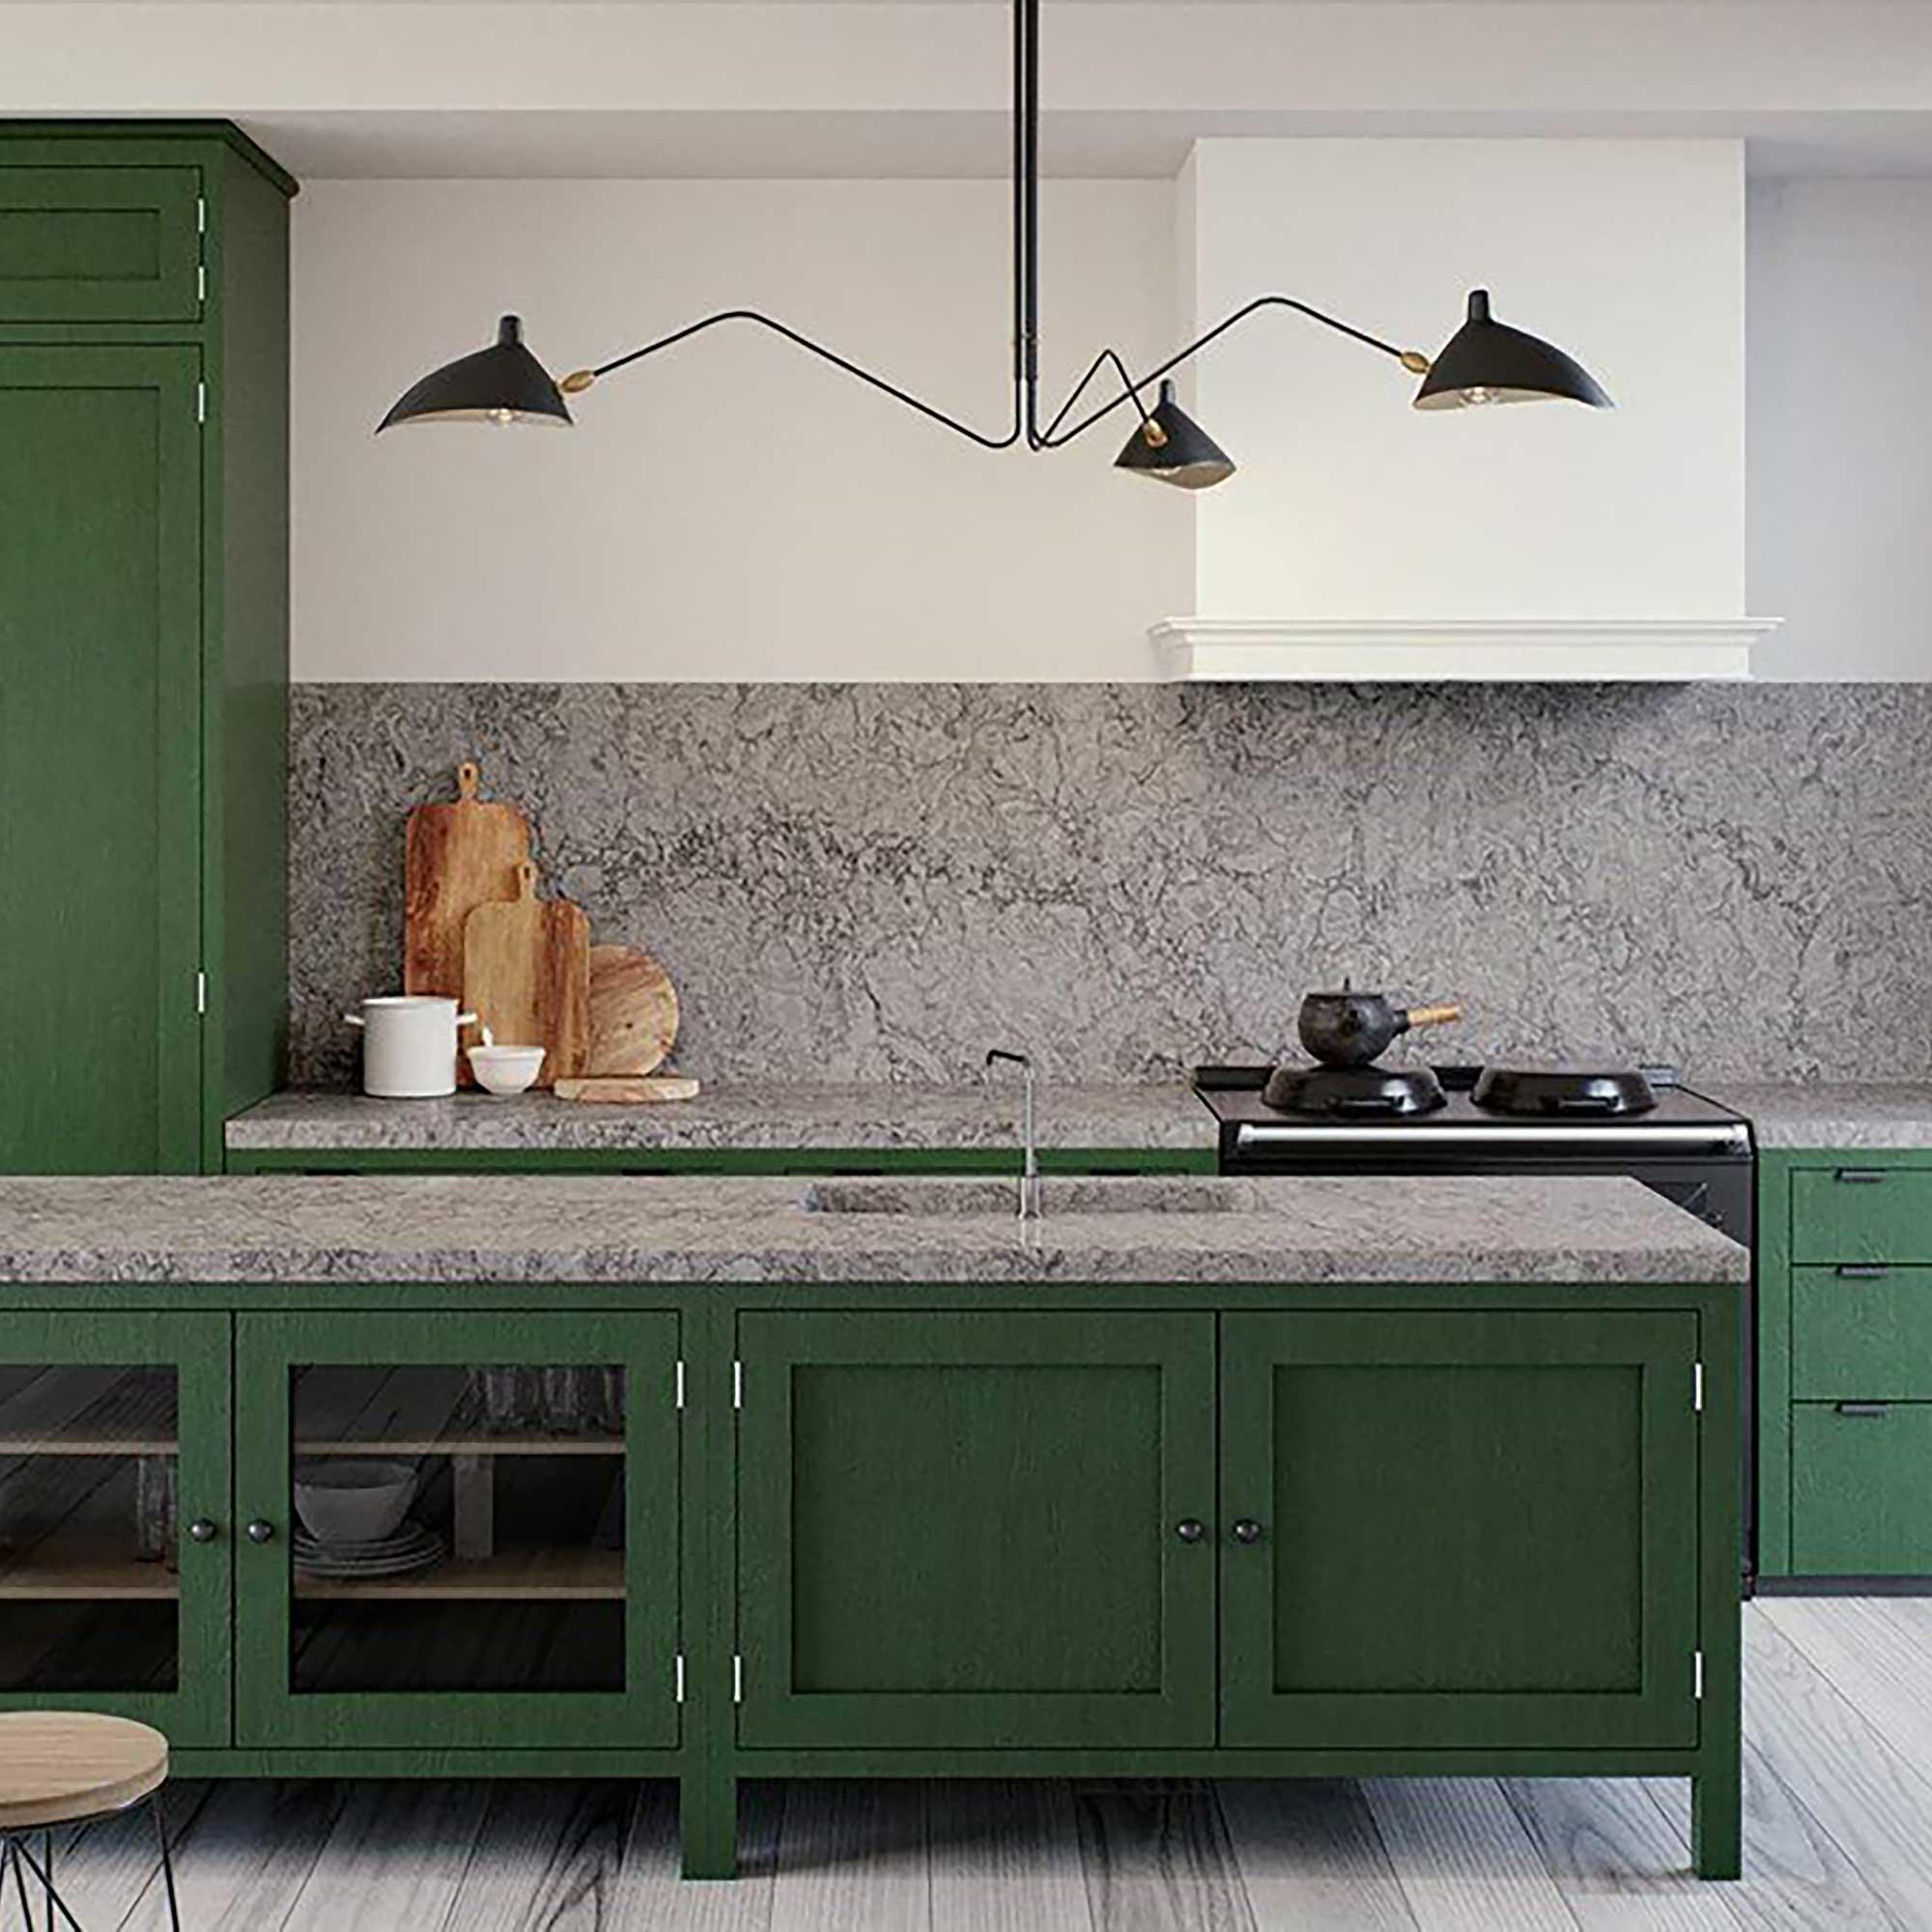 Caesarstone kitchen worktop Turbine grey render